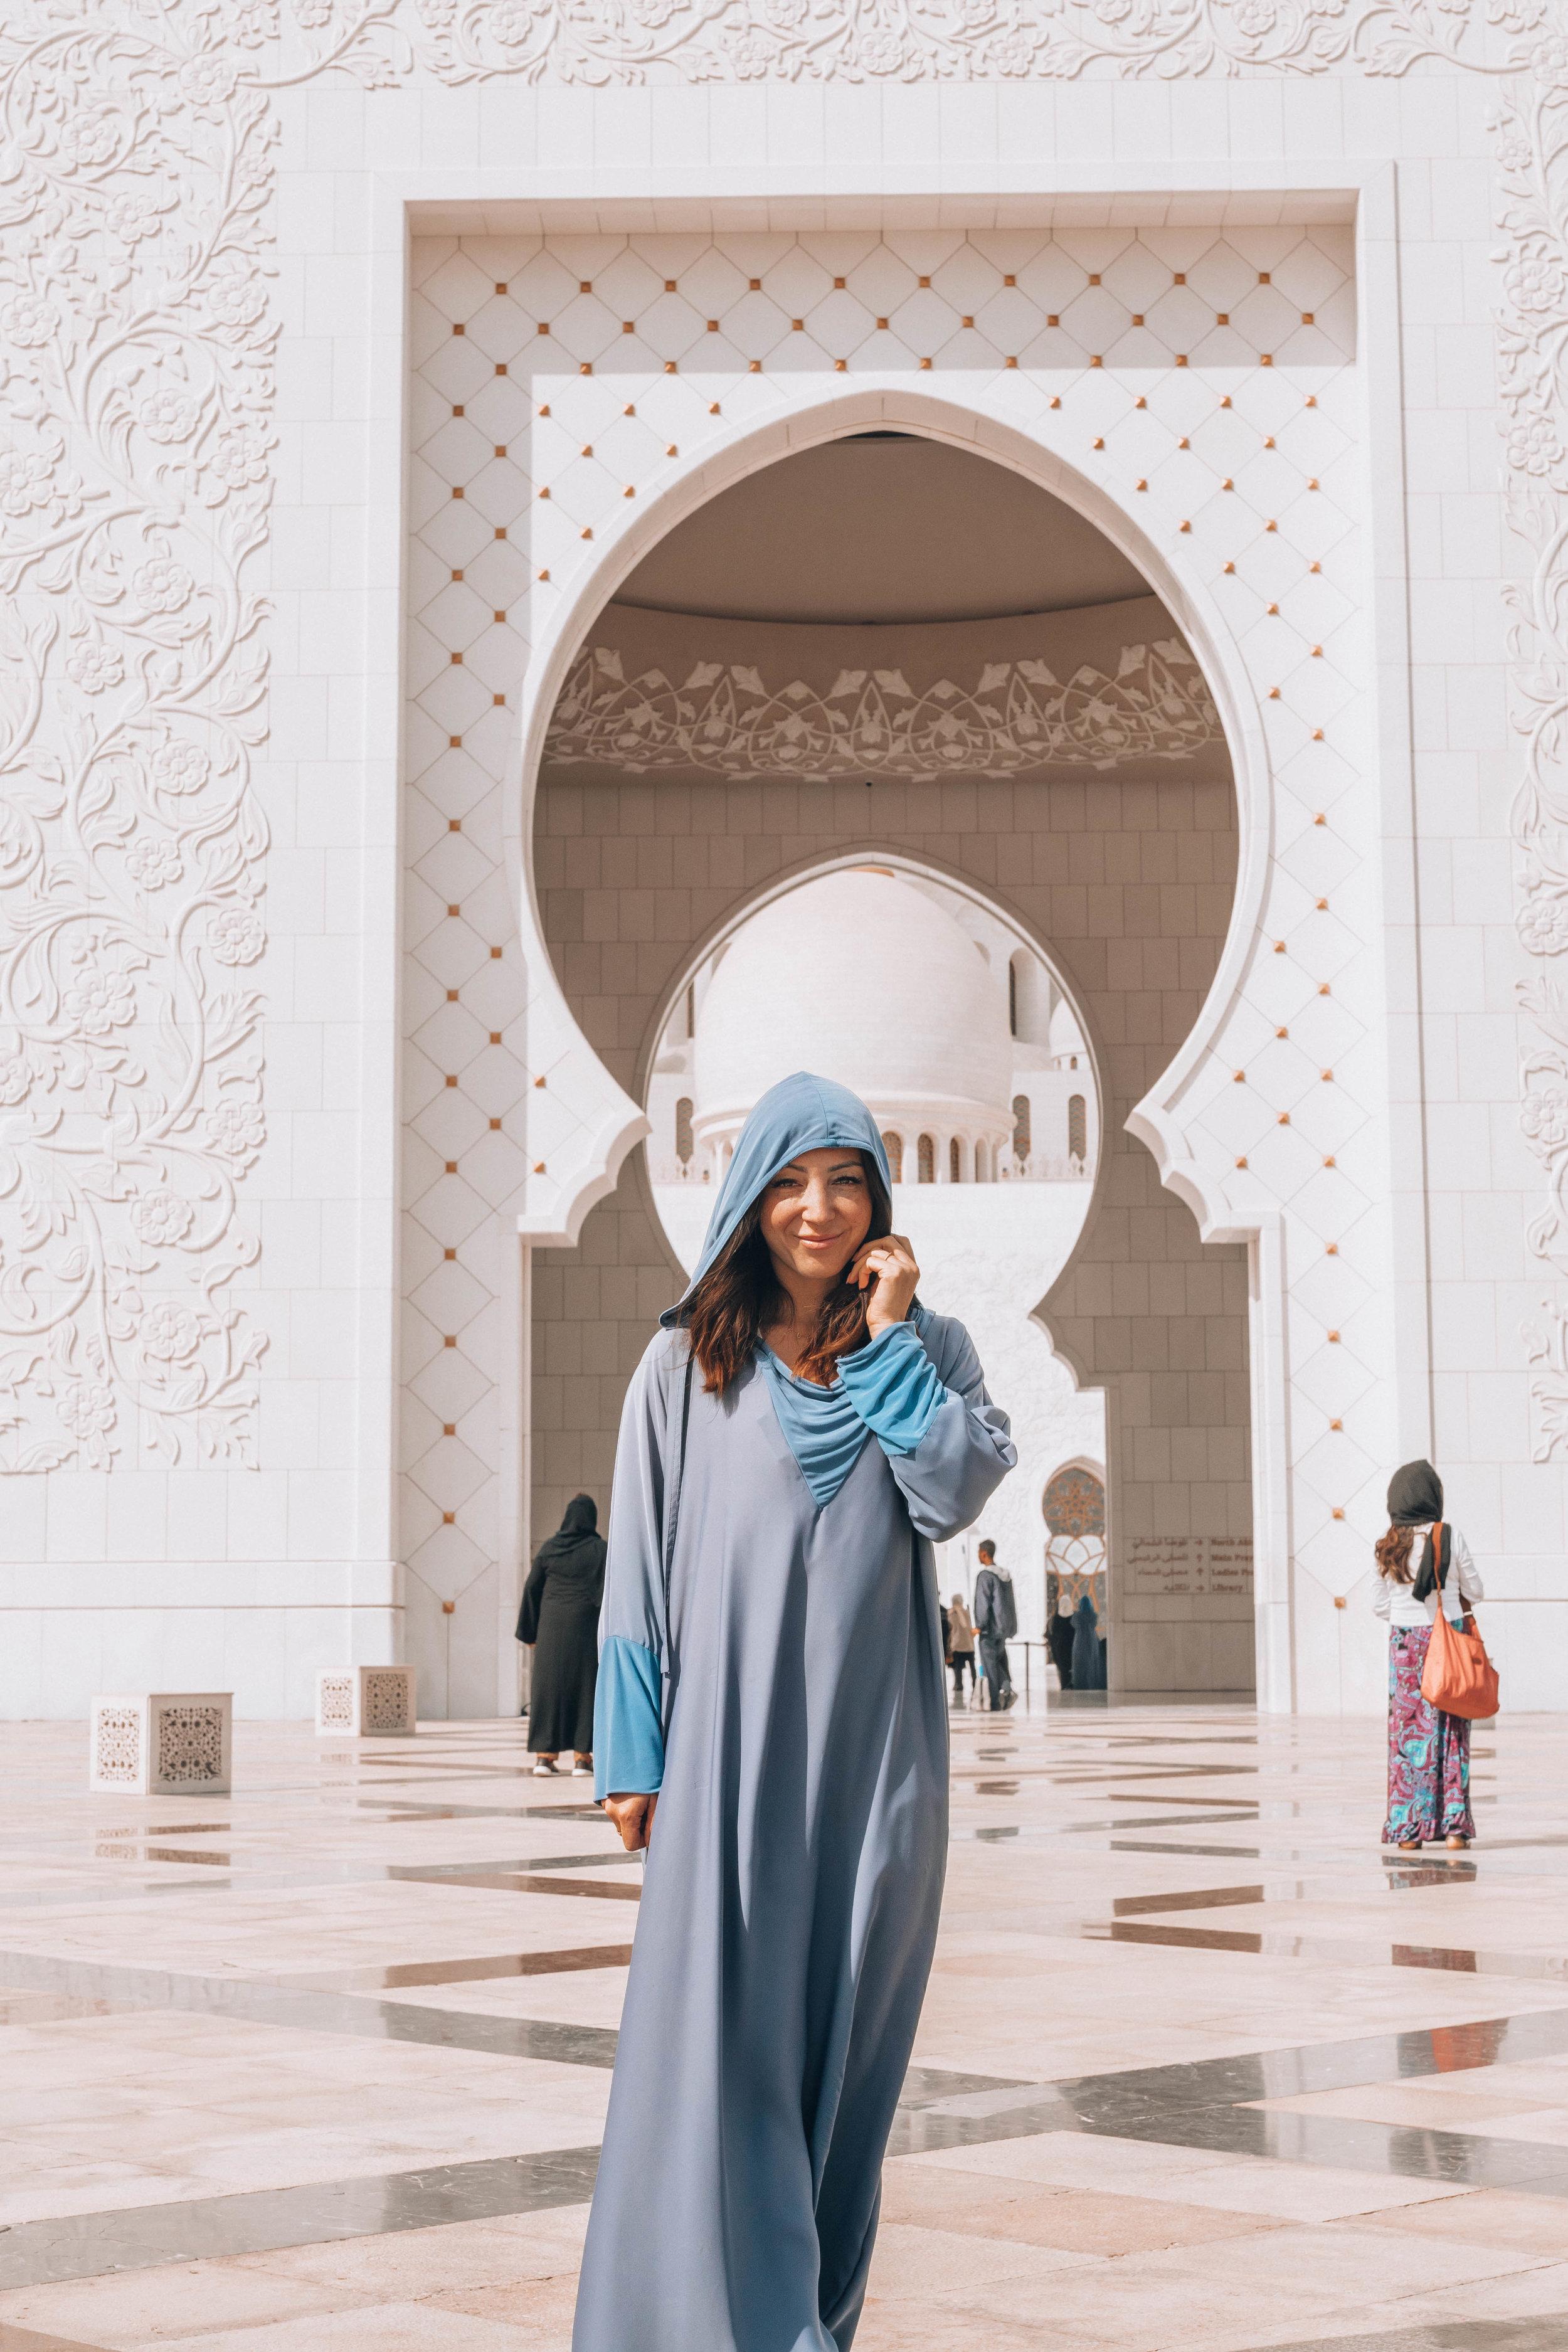 Sheikh Zayed Mosse in Abu Dhabi